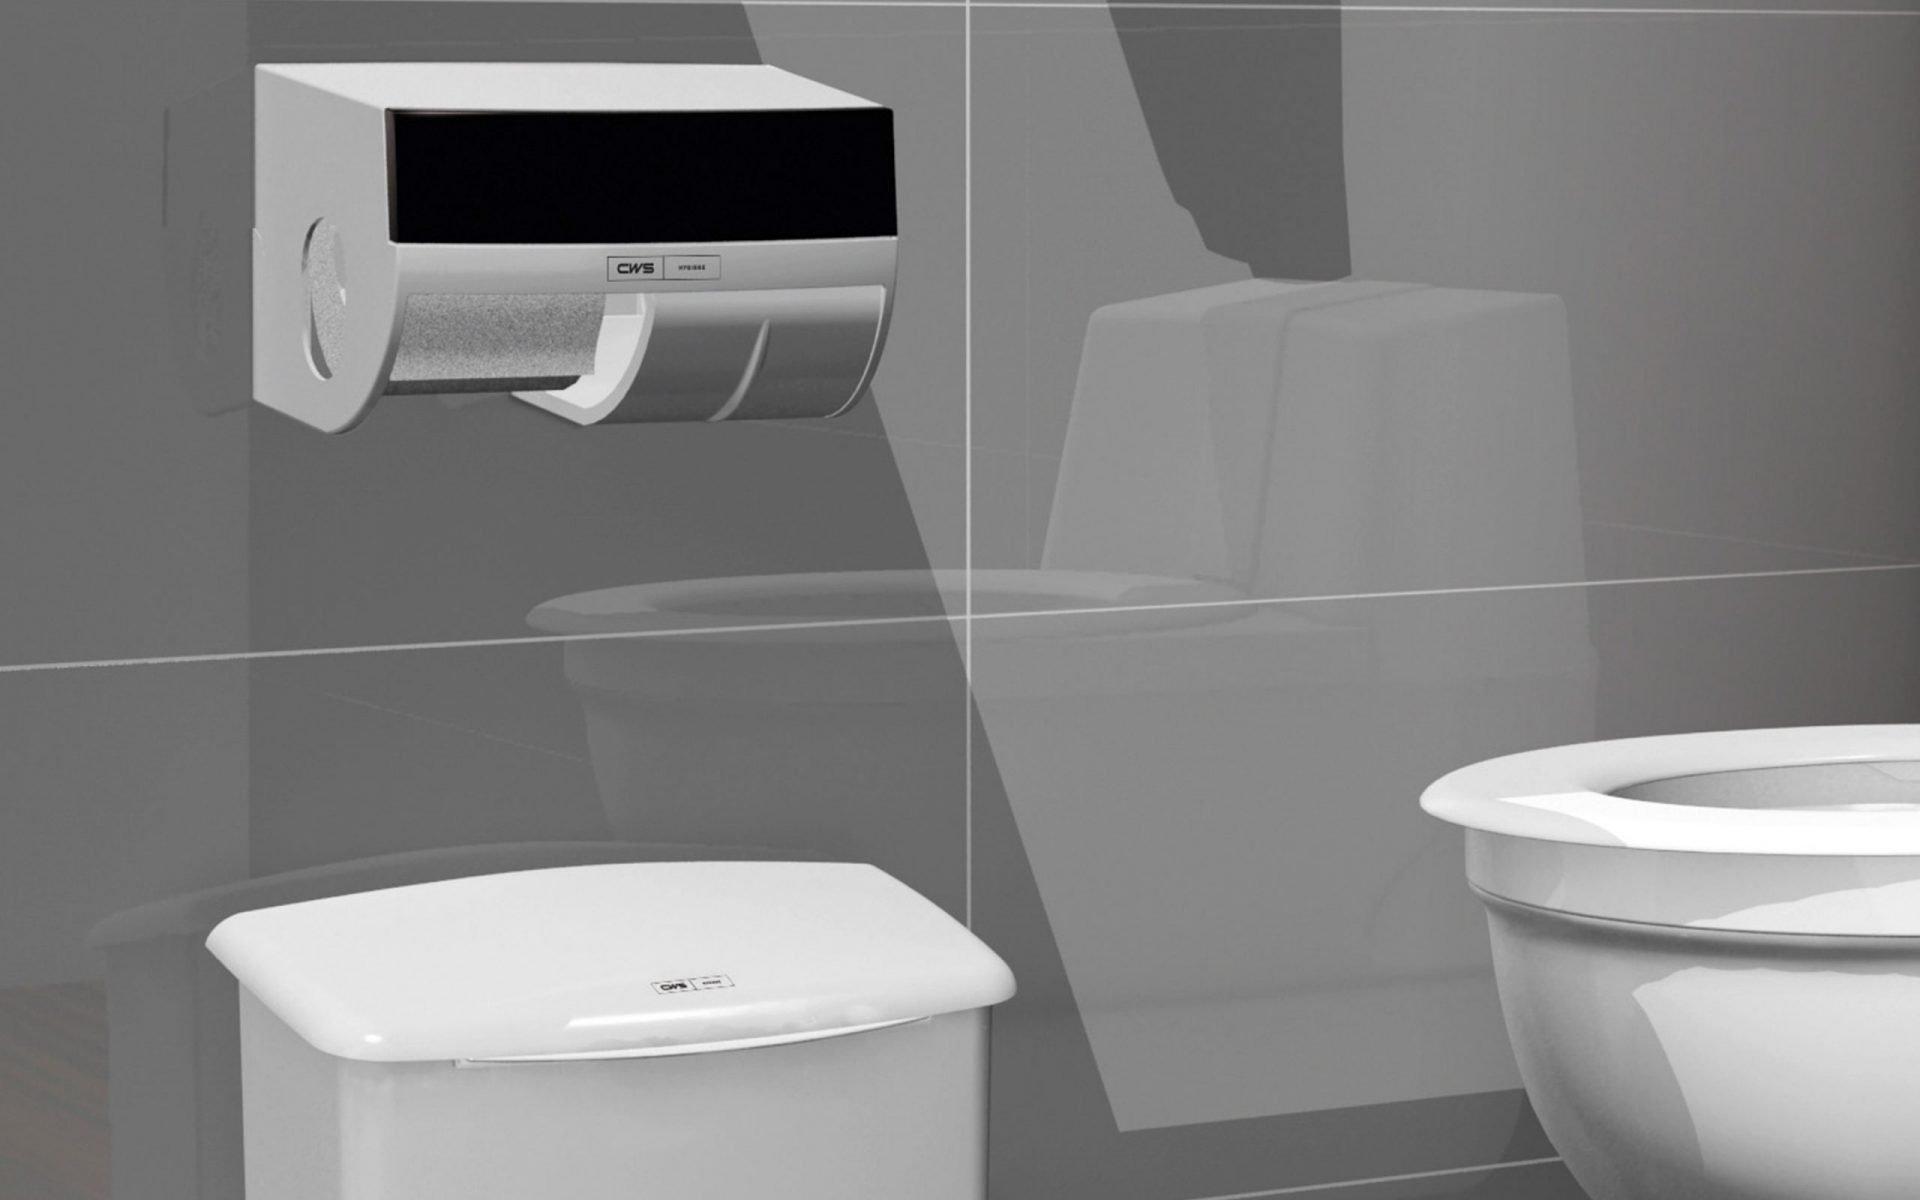 Toilettenraum - Ausschnitt mit Toilettenpapierspender - Spender für Toilettenpapier